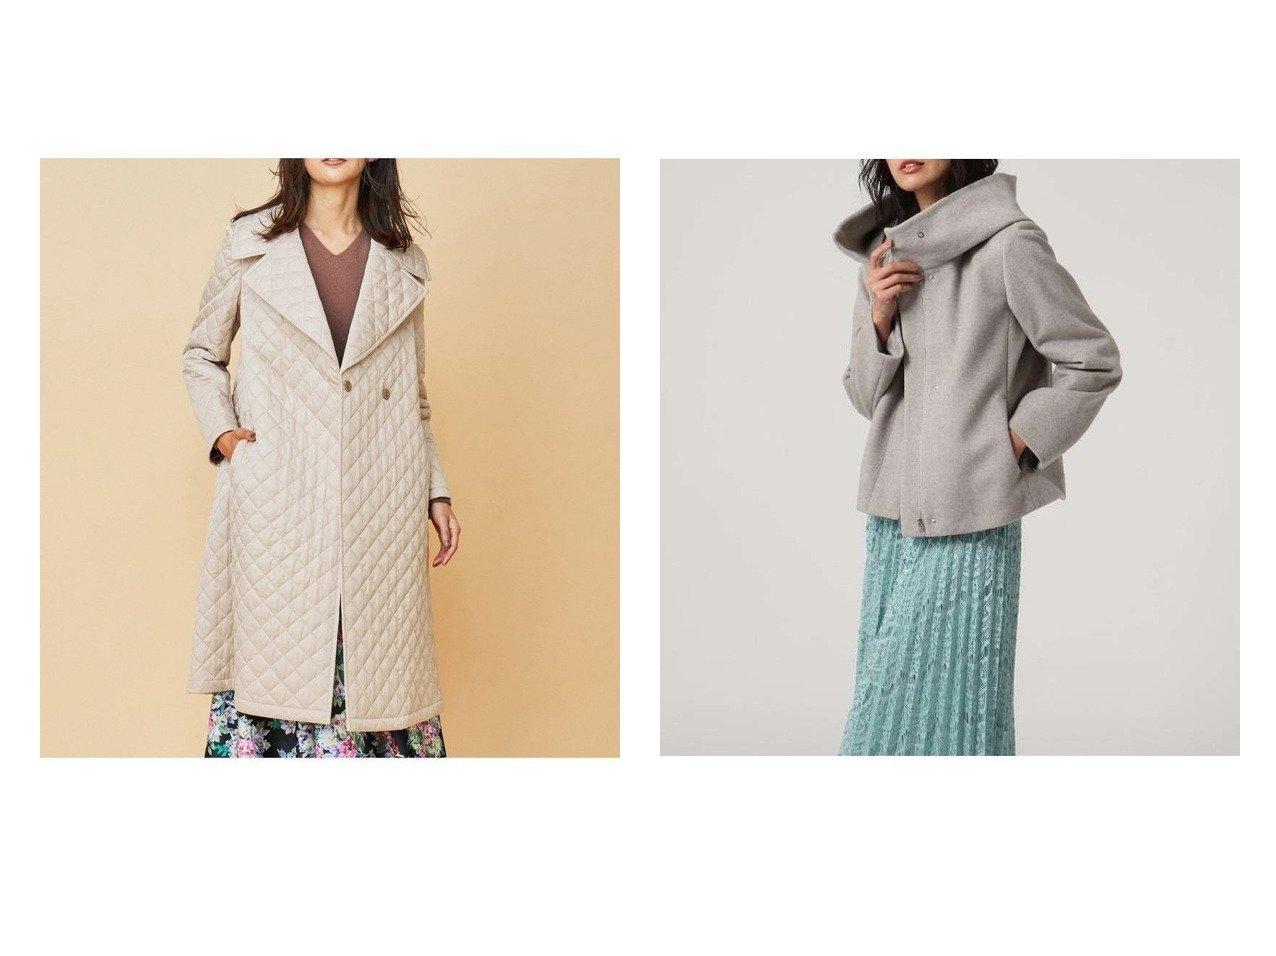 【UNTITLED/アンタイトル】のビッグカラーショートウールコート&【KUMIKYOKU/組曲】の【Rythme KUMIKYOKU】キルティング ドレス コート アウターのおすすめ!人気、トレンド・レディースファッションの通販  おすすめで人気の流行・トレンド、ファッションの通販商品 メンズファッション・キッズファッション・インテリア・家具・レディースファッション・服の通販 founy(ファニー) https://founy.com/ ファッション Fashion レディースファッション WOMEN アウター Coat Outerwear コート Coats ジャケット Jackets ワンピース Dress ドレス Party Dresses キルティング キルト コレクション ジャケット ツイル ドレス パターン フラワー ベーシック モチーフ ローズ 冬 Winter 2021年 2021 S/S 春夏 SS Spring/Summer 2021 春夏 S/S SS Spring/Summer 2021 NEW・新作・新着・新入荷 New Arrivals ウォーム ショート スタンド バランス ビッグ フェミニン プリーツ  ID:crp329100000009958